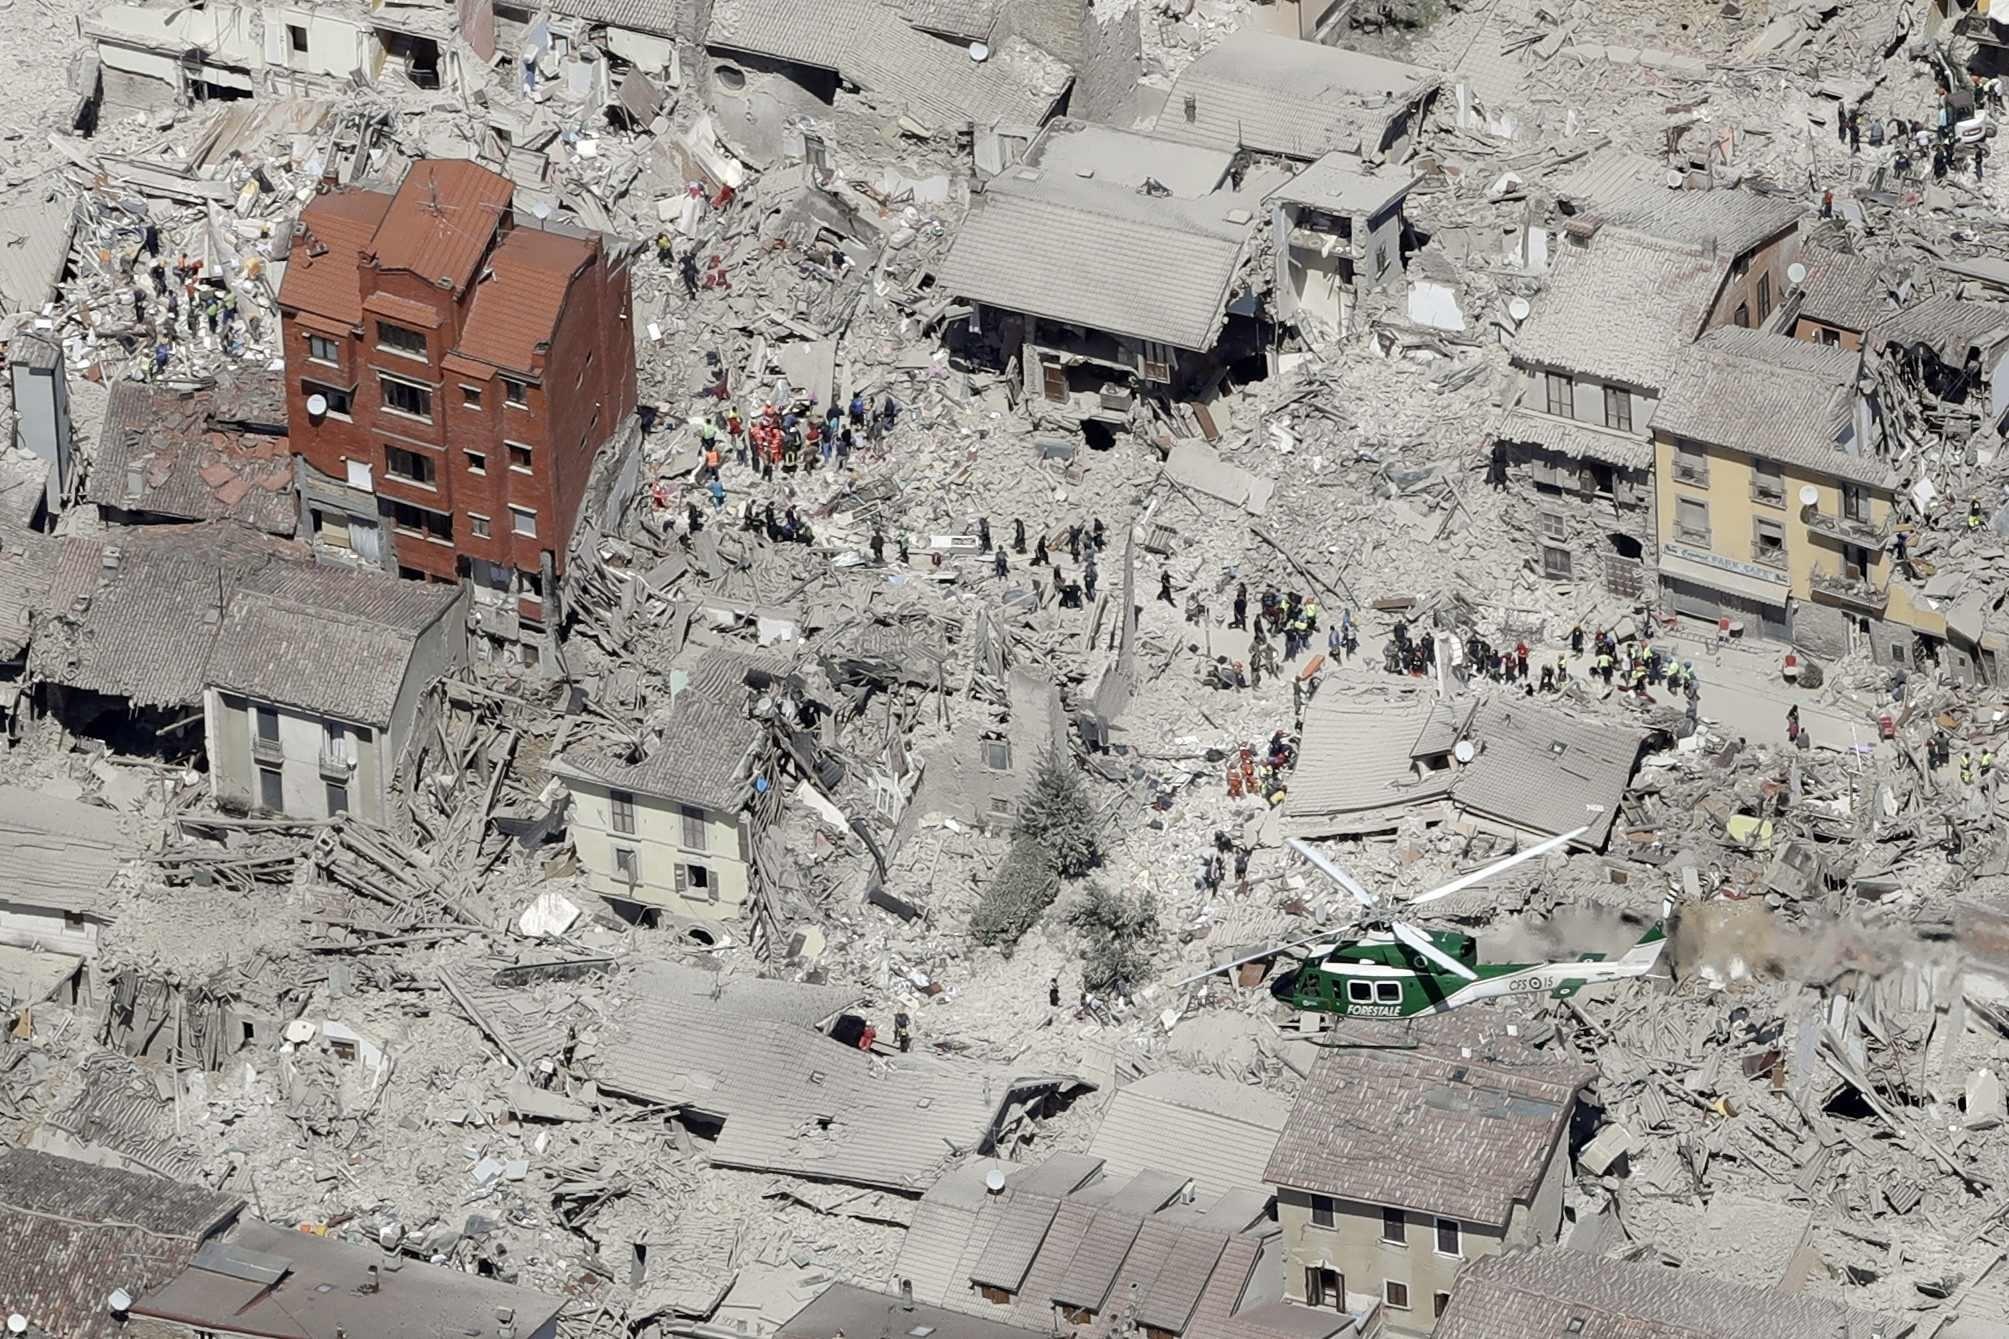 Italia: Envenenado perro utilizado en rescates tras sismo